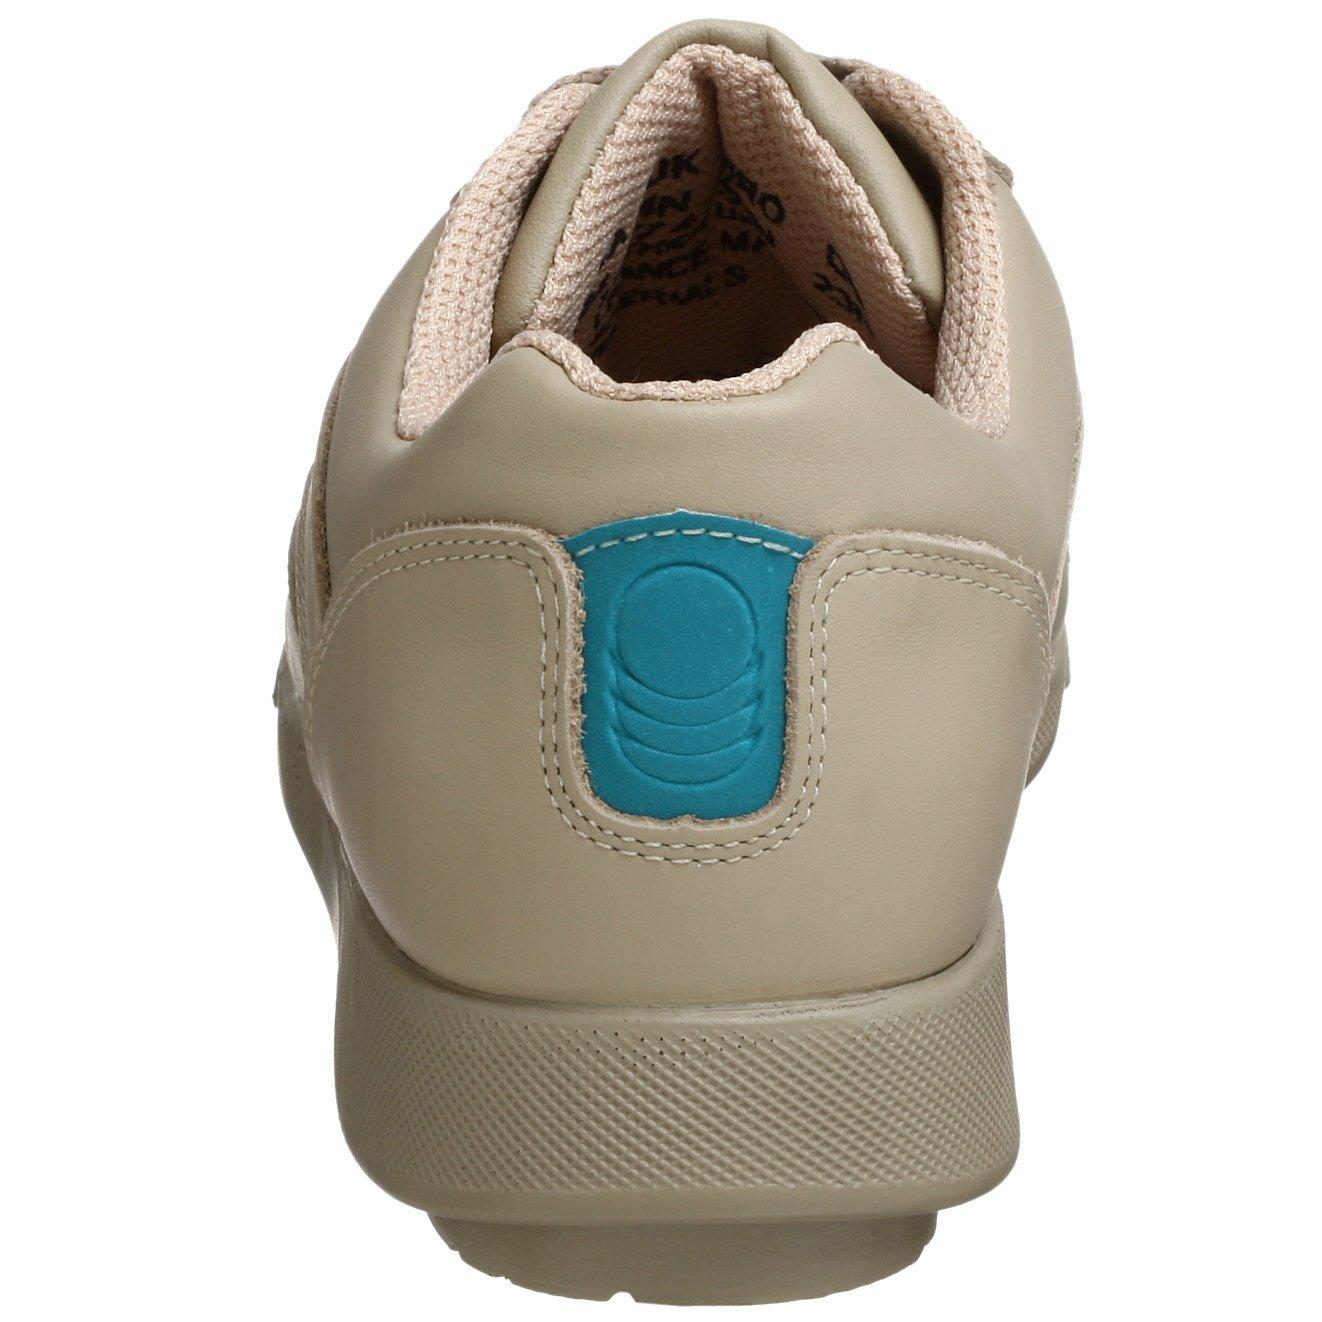 Hush Puppies Women's Upbeat US Stone Sneaker B001AX0GUA 8.5 B(M) US Stone Upbeat 053675